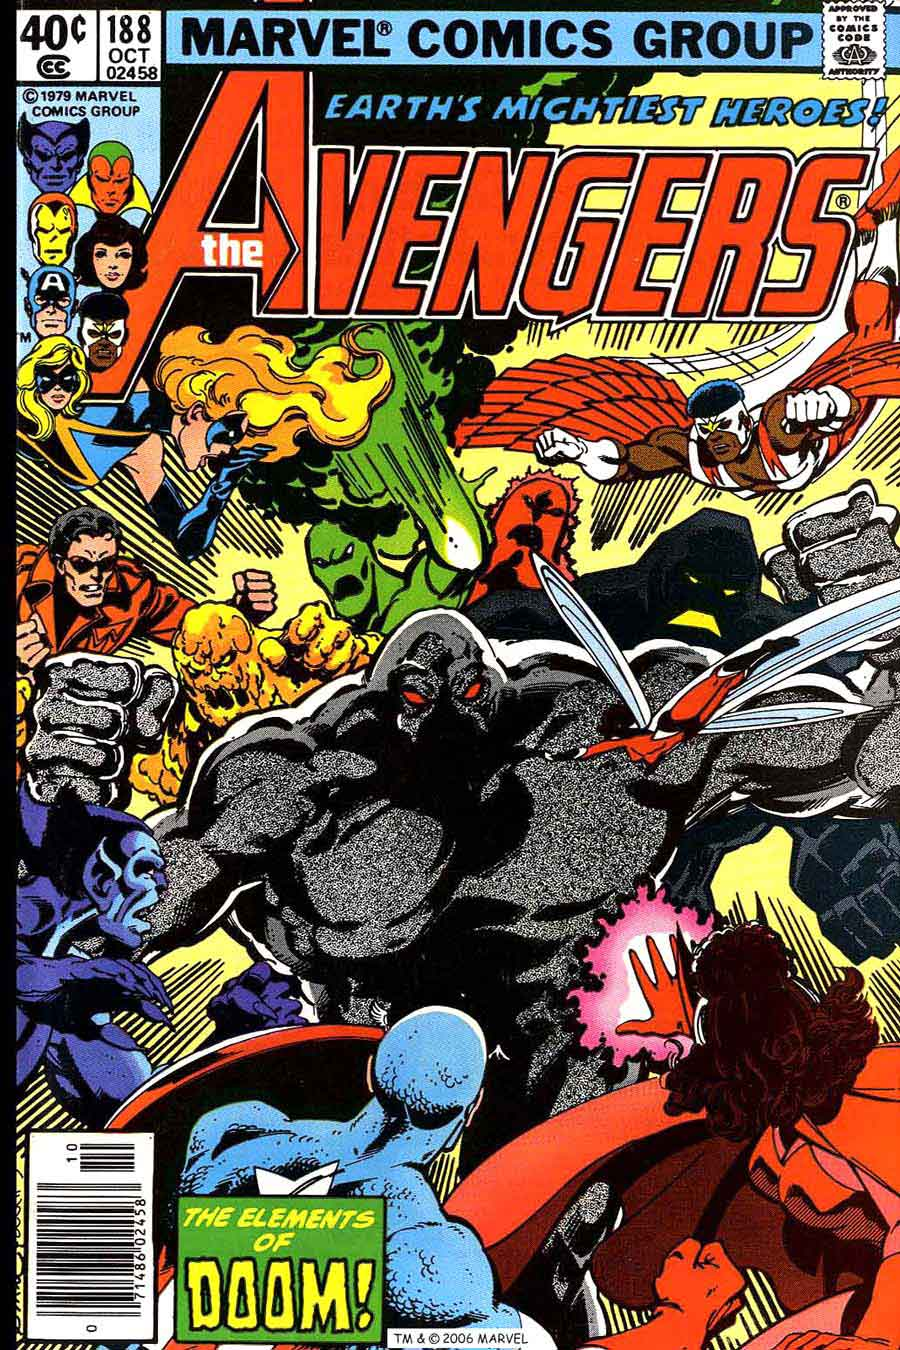 Comic Book Cover Artist Jobs ~ Pencil ink avengers john byrne art cover